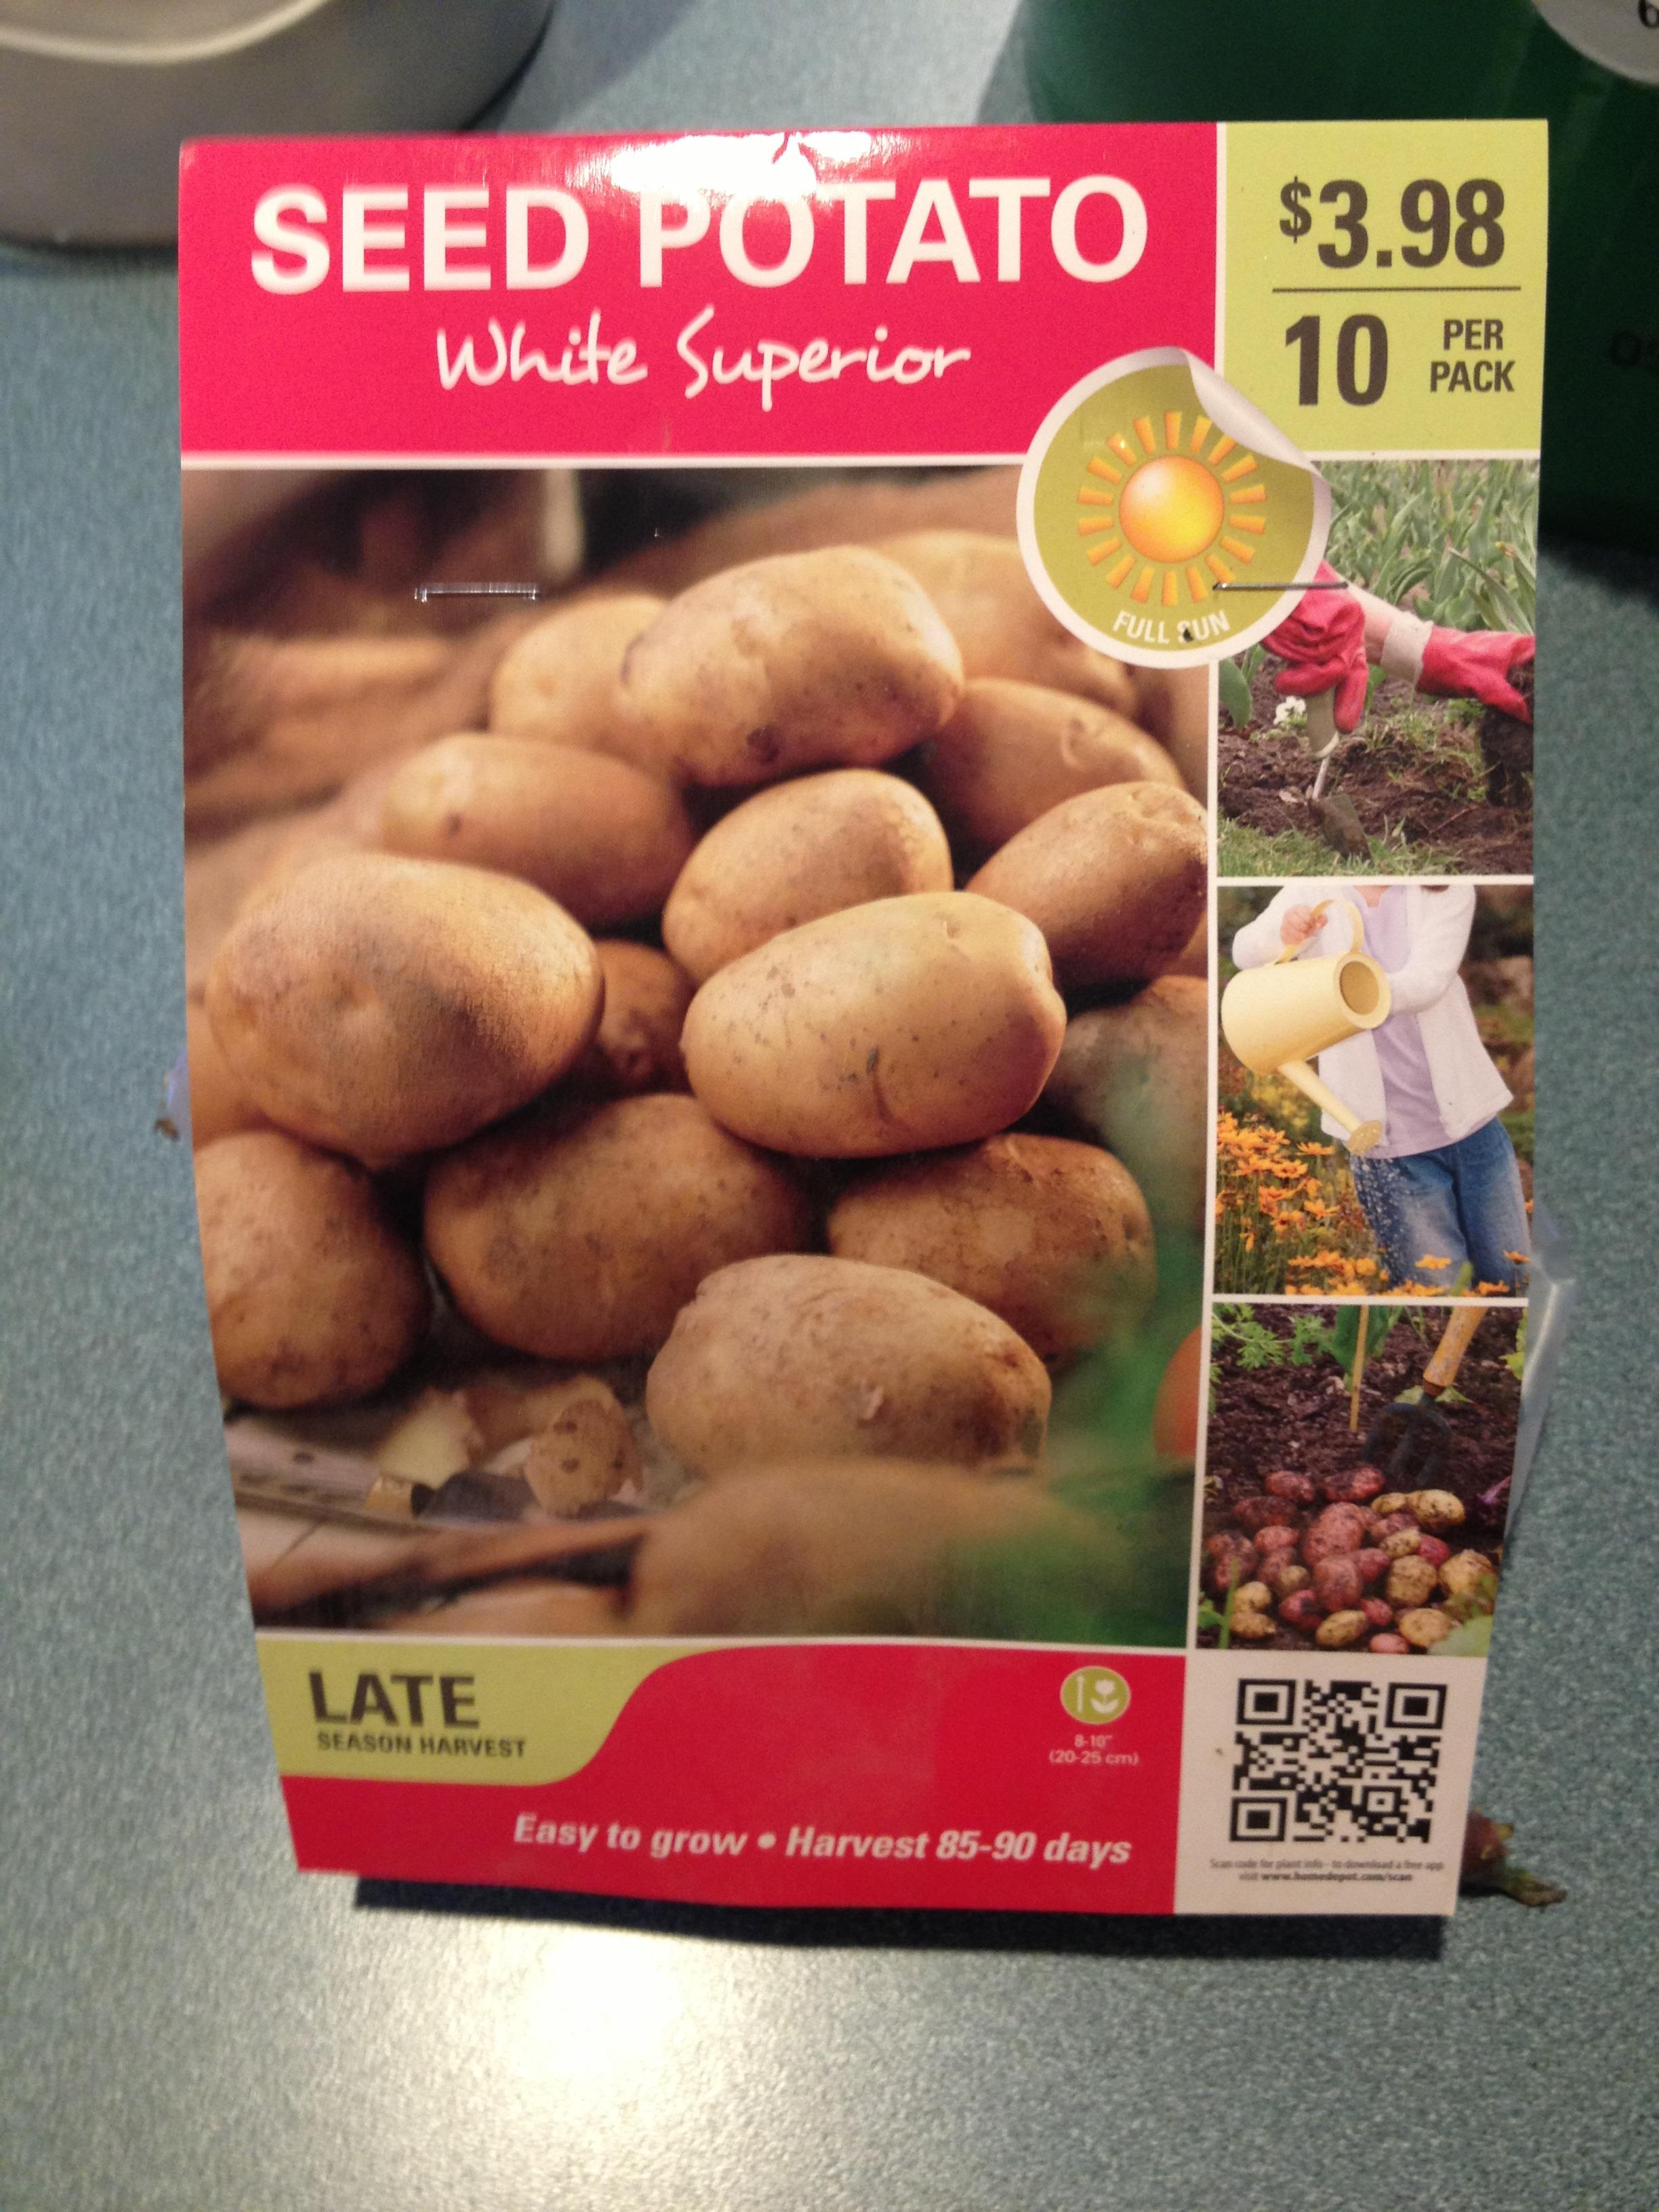 Grow Potatoes In A 5 Gallon Bucket